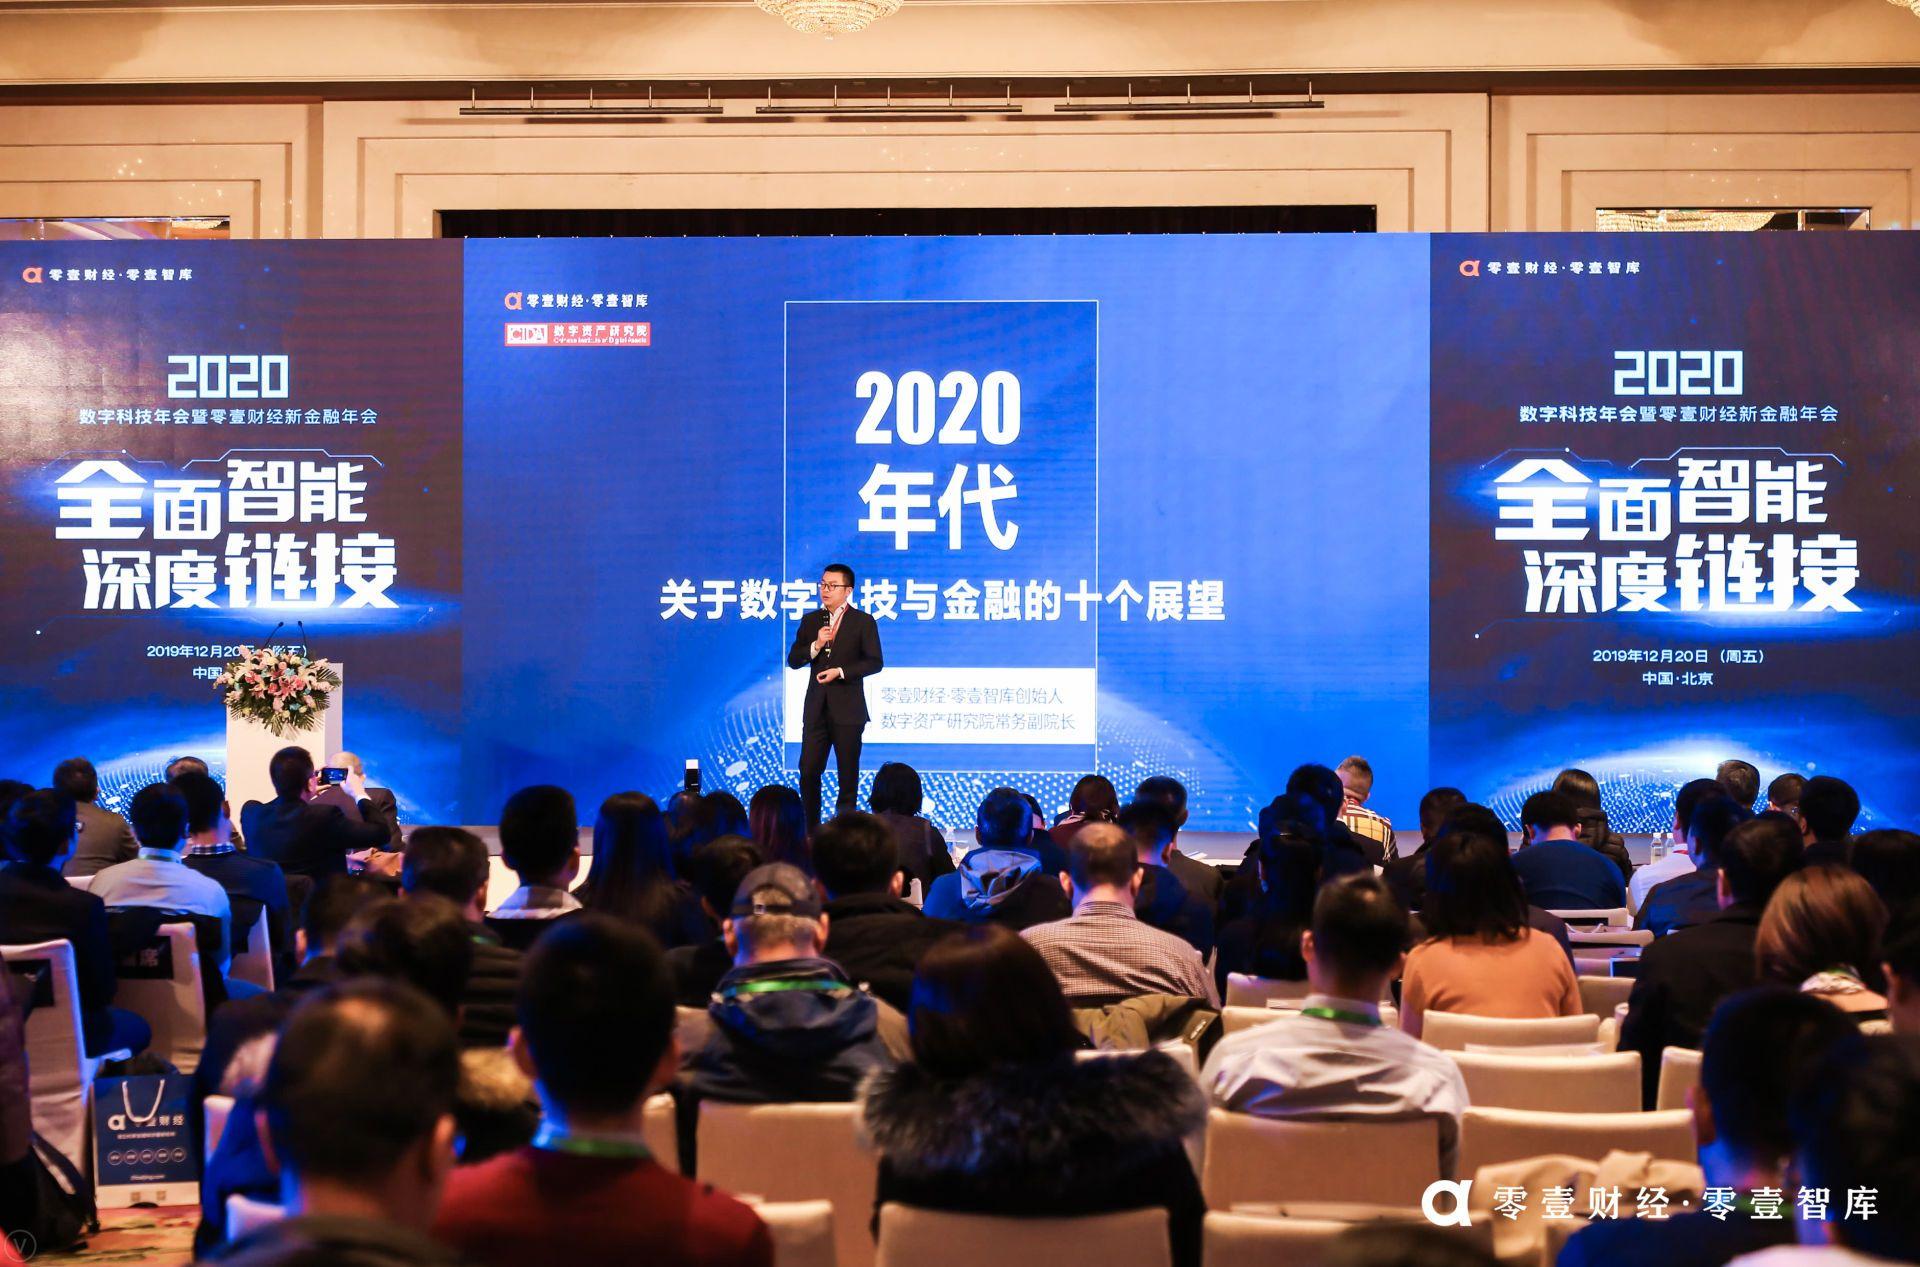 零壹财经·零壹智库2020新金融年会:数字科技——变革时代下的重要思考角度